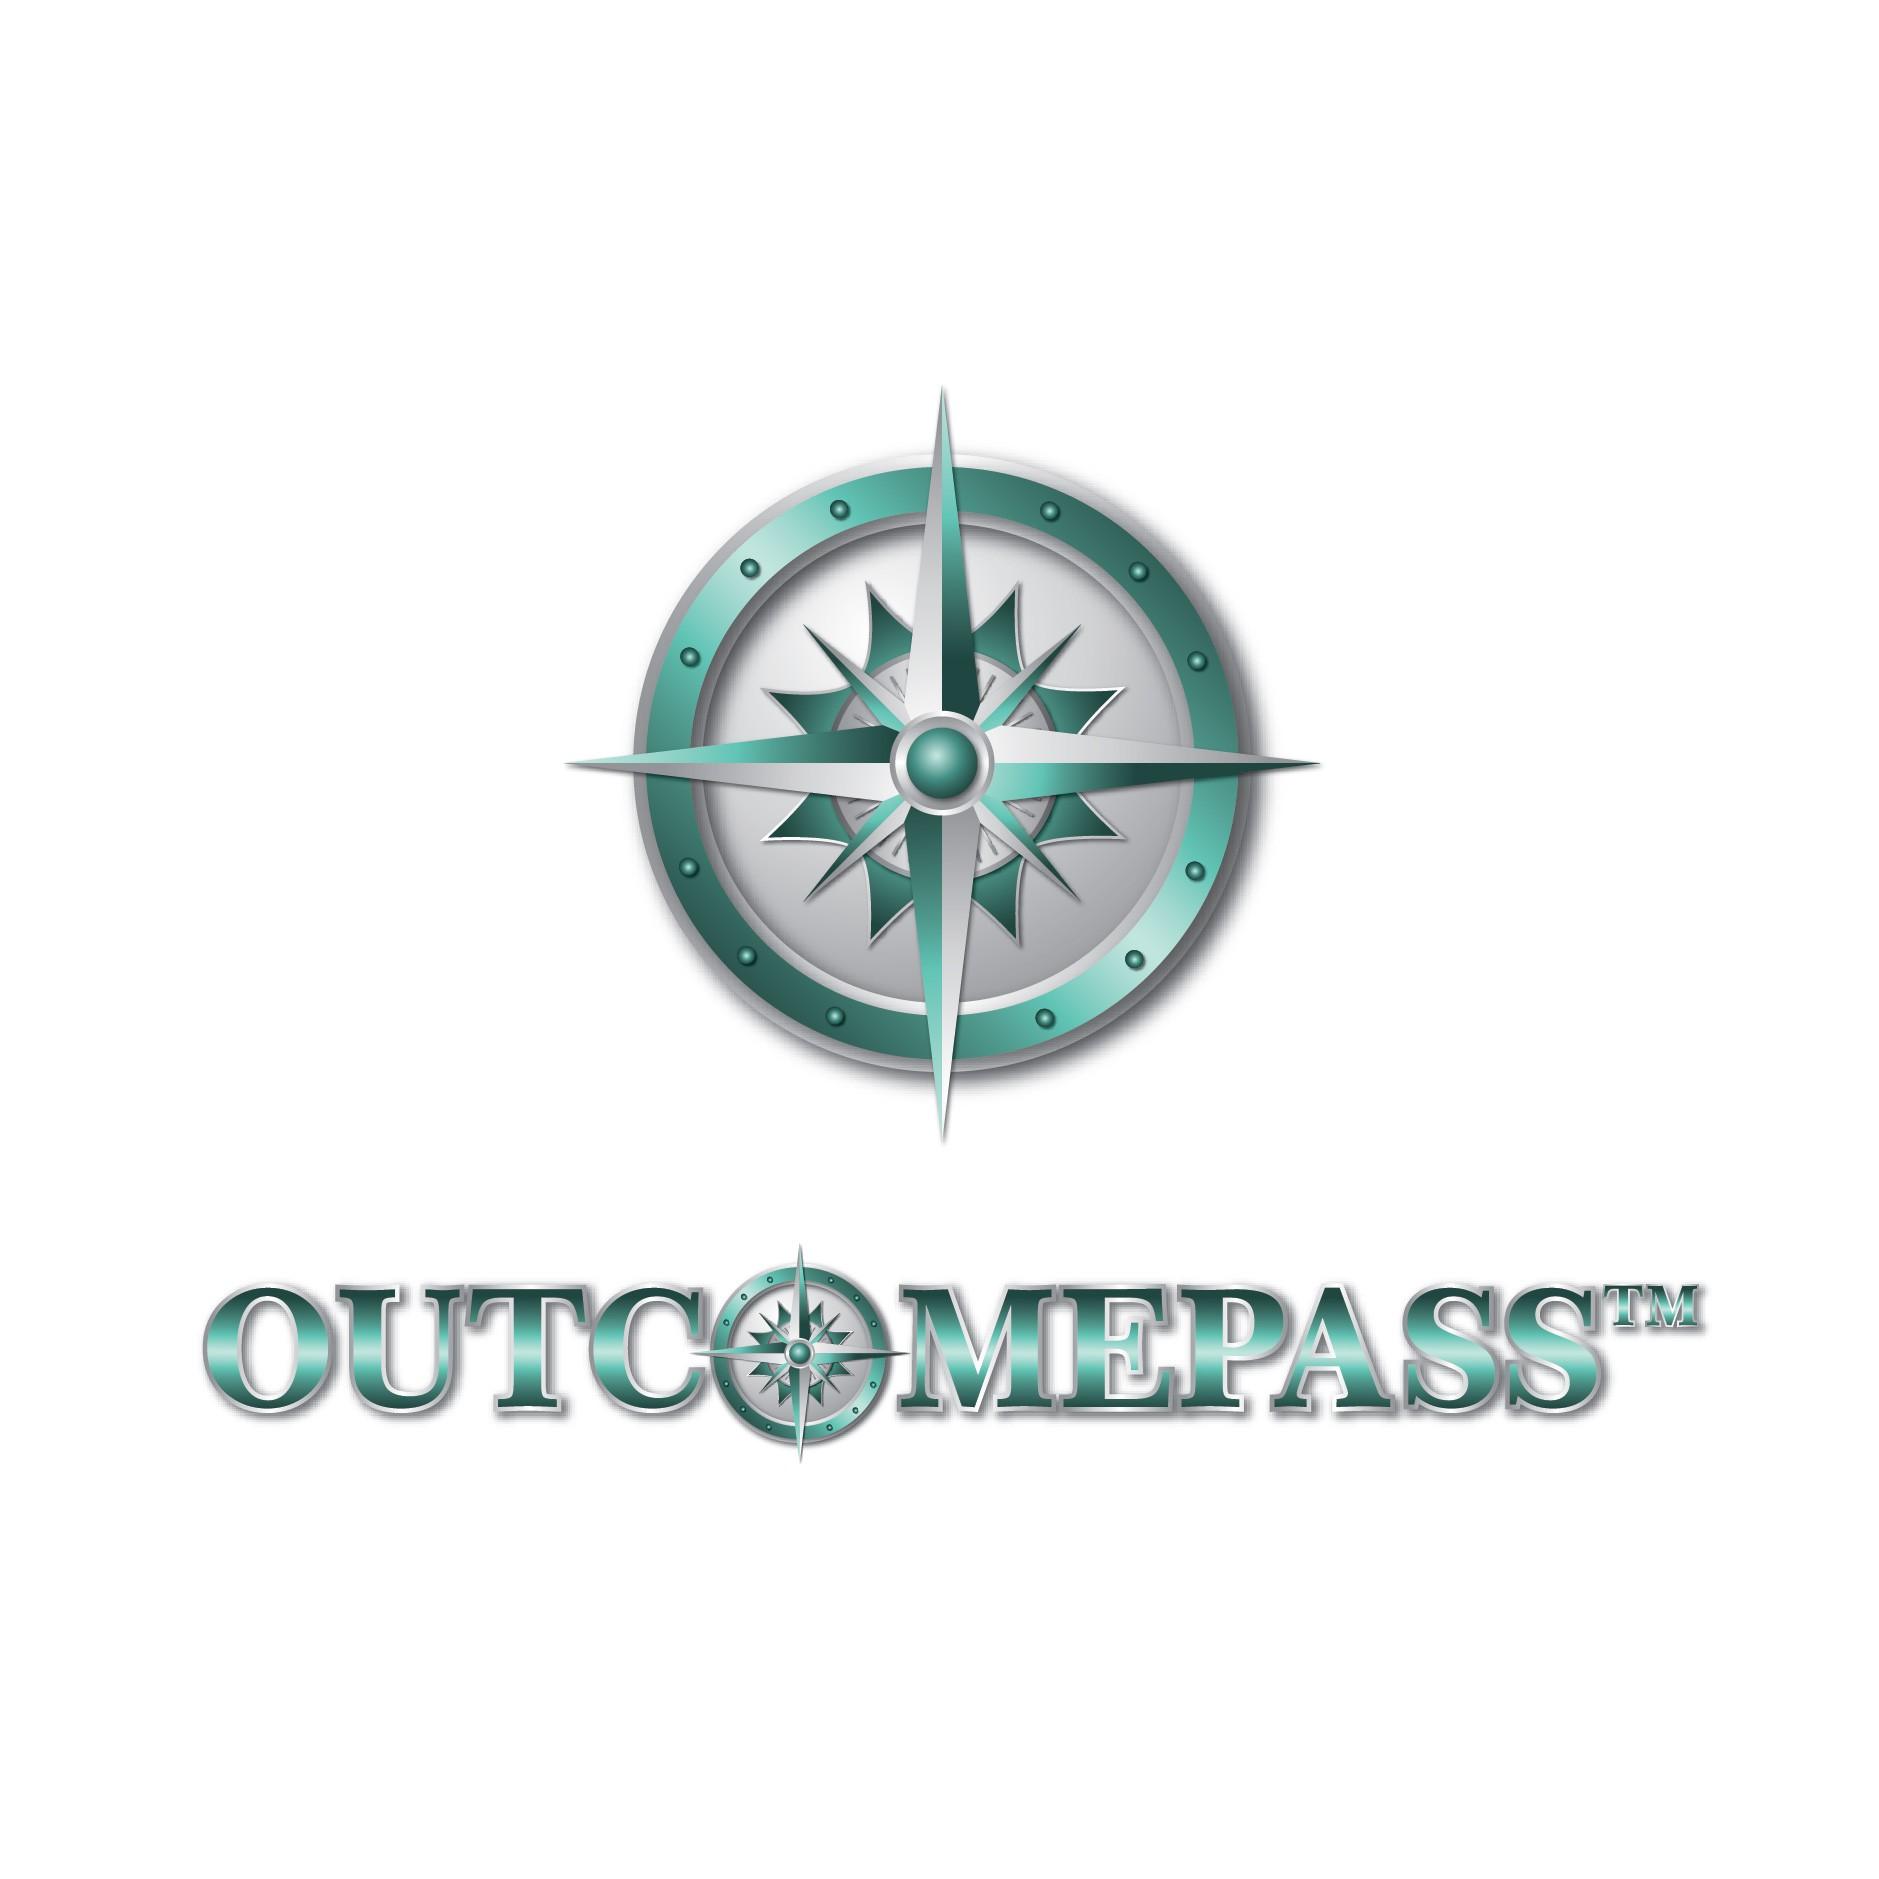 OUTCOMEpass software logo